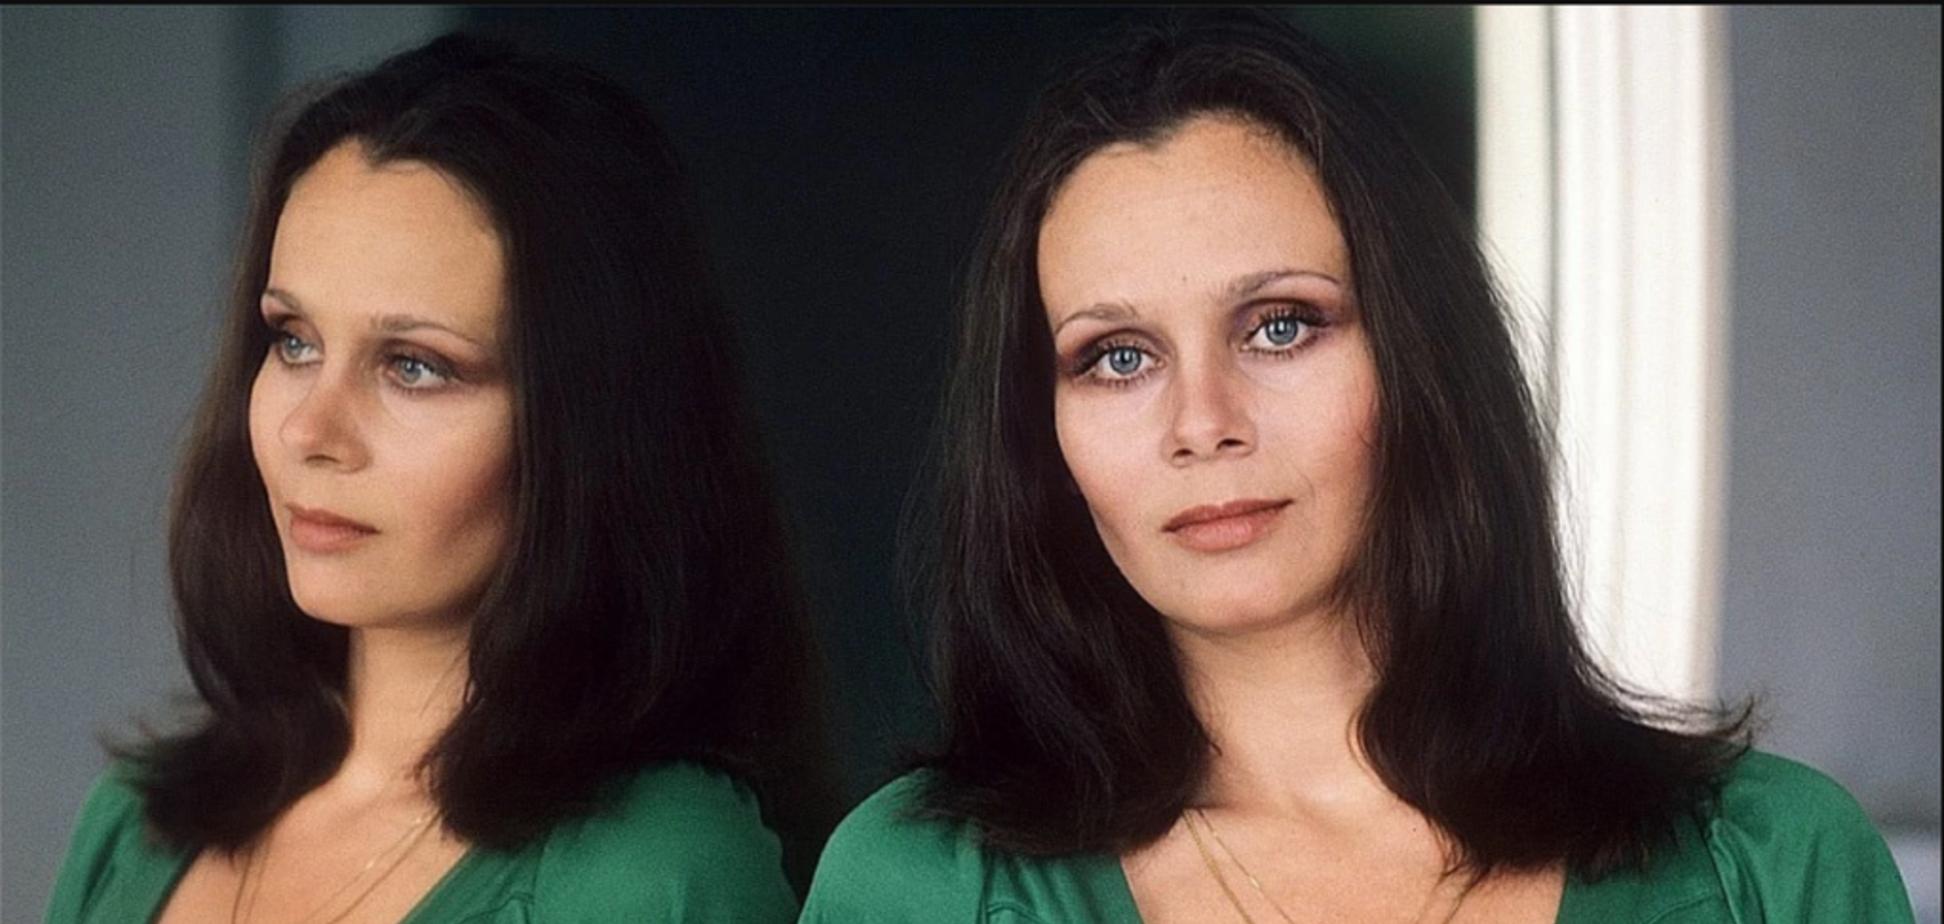 Копия мамы: как выглядит дочь актрисы Любови Полищук